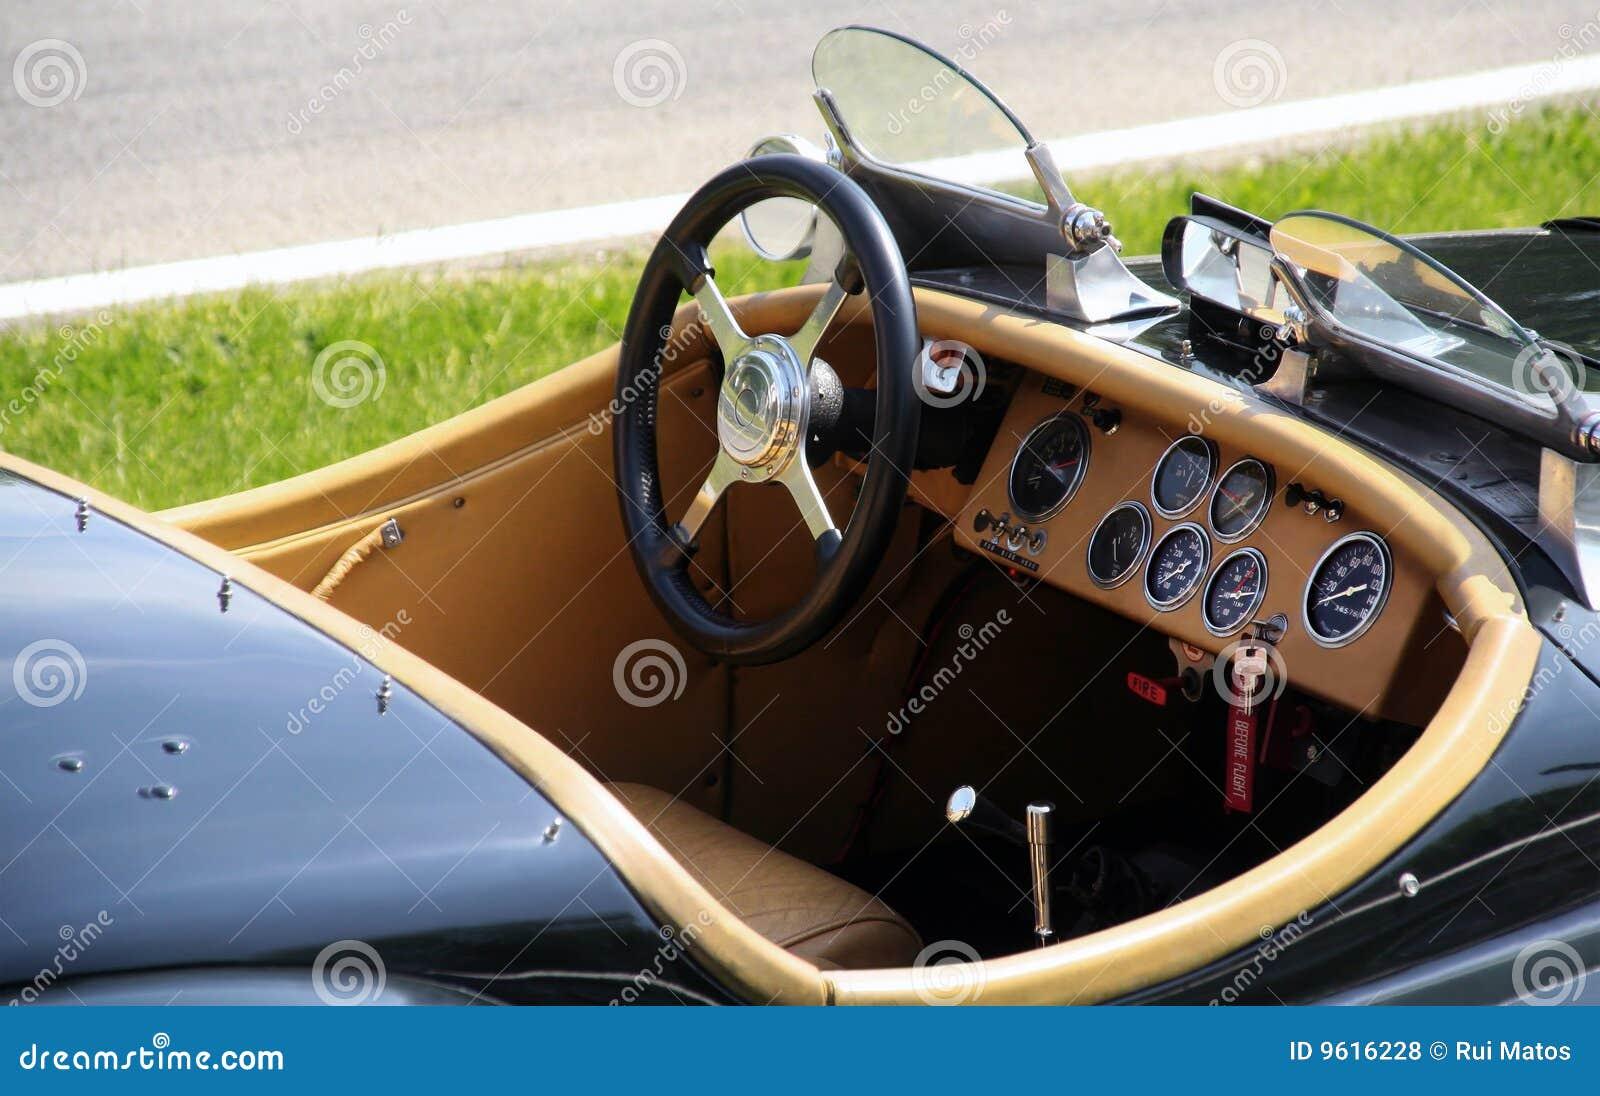 Coche de deportes clásico convertible